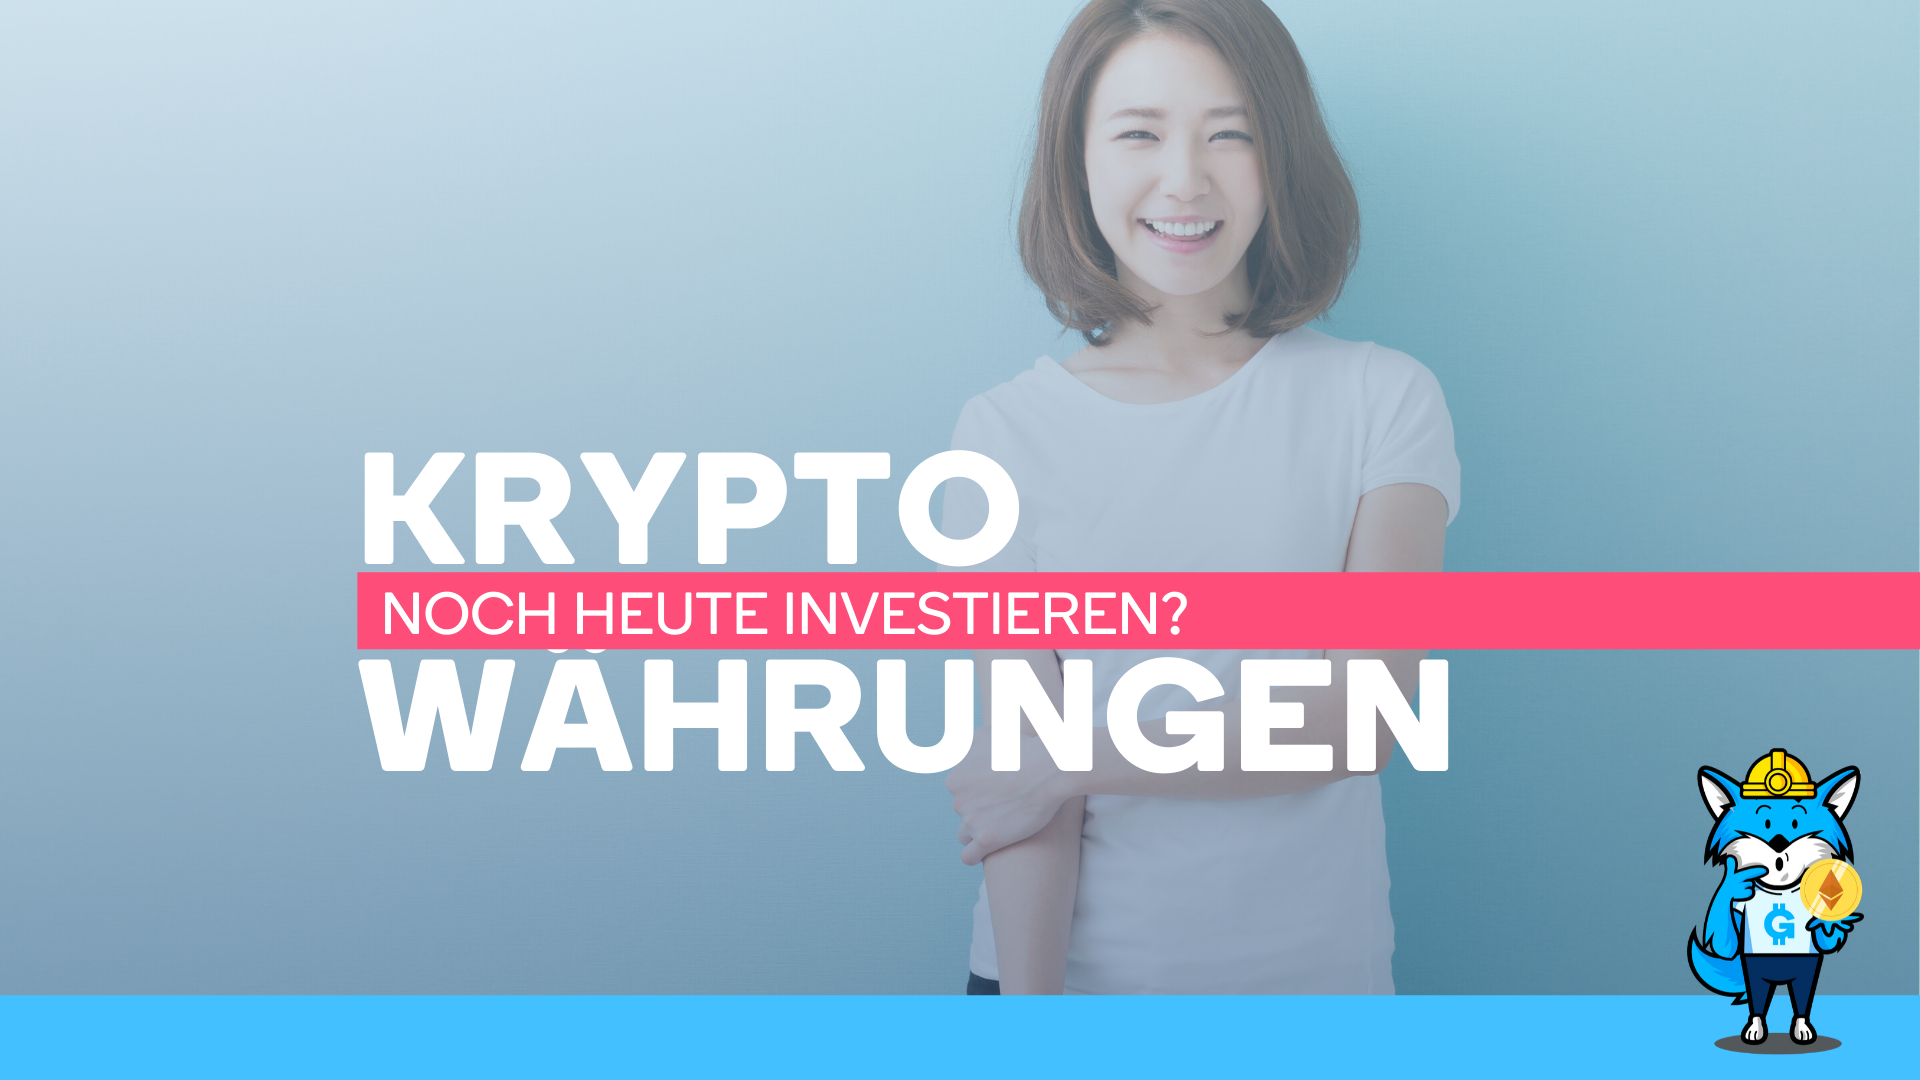 Asiatische Frau überlegt in Kryptowährungen zu investieren